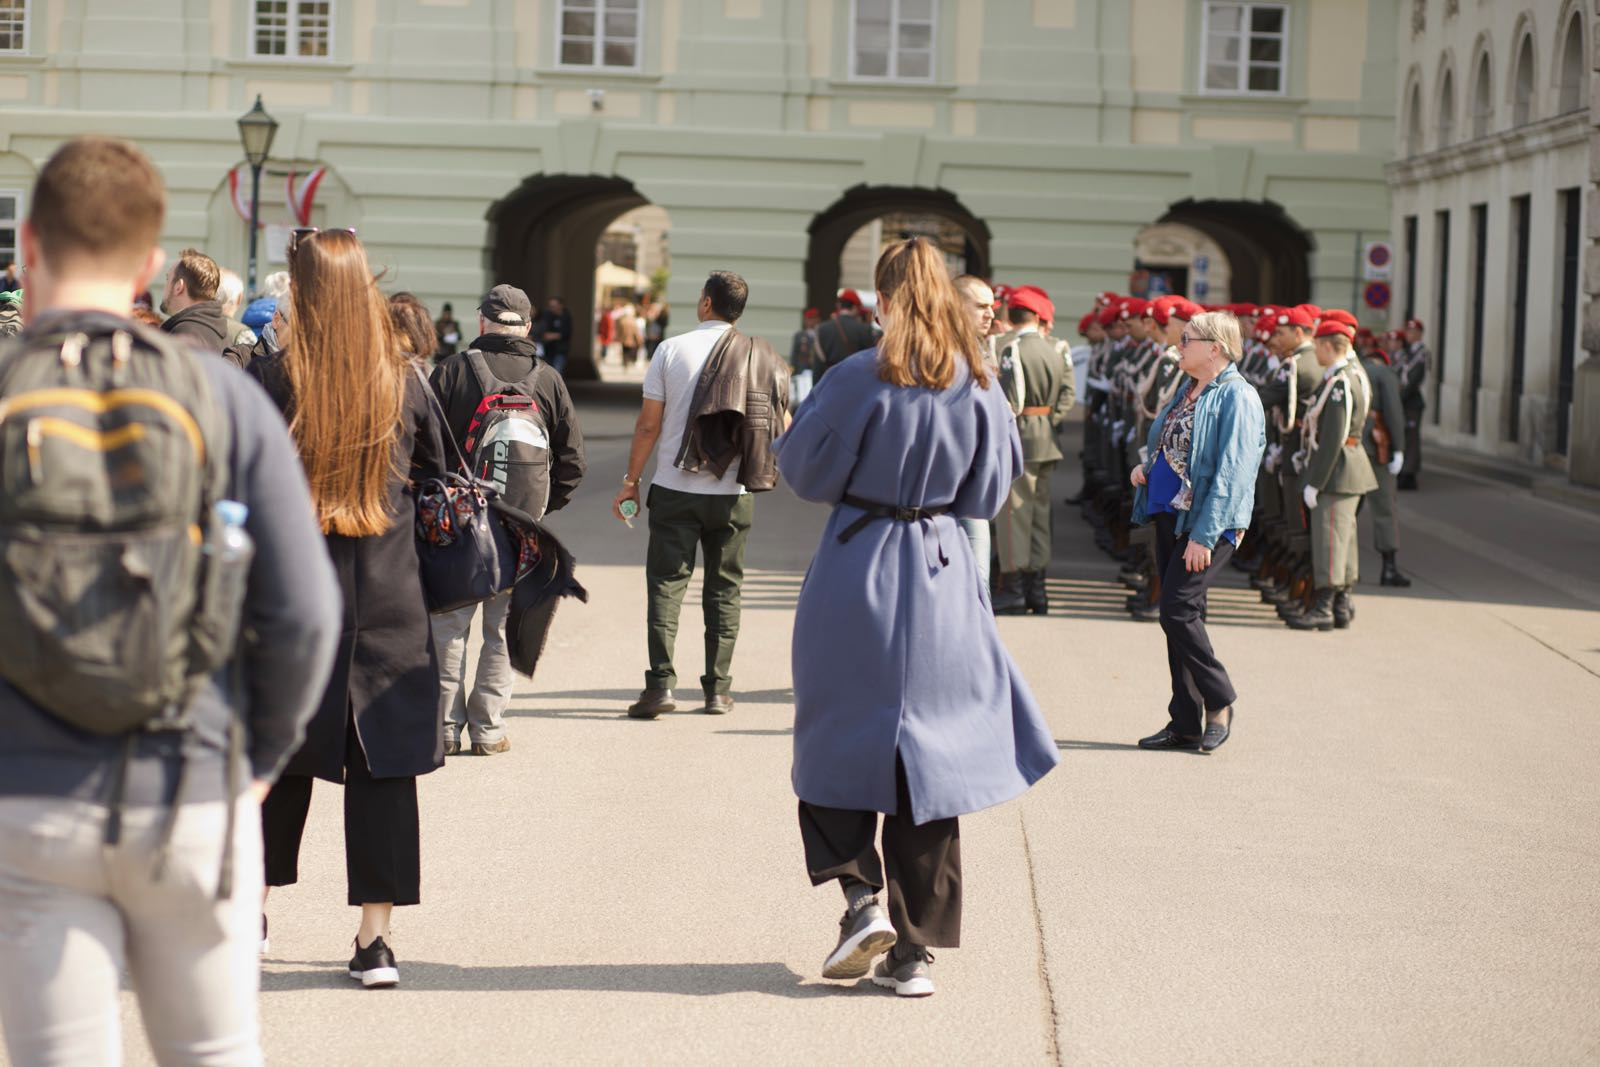 2019_04_09_4Gardekompanie_Montenegro_Ballhausplatz - 5 of 34